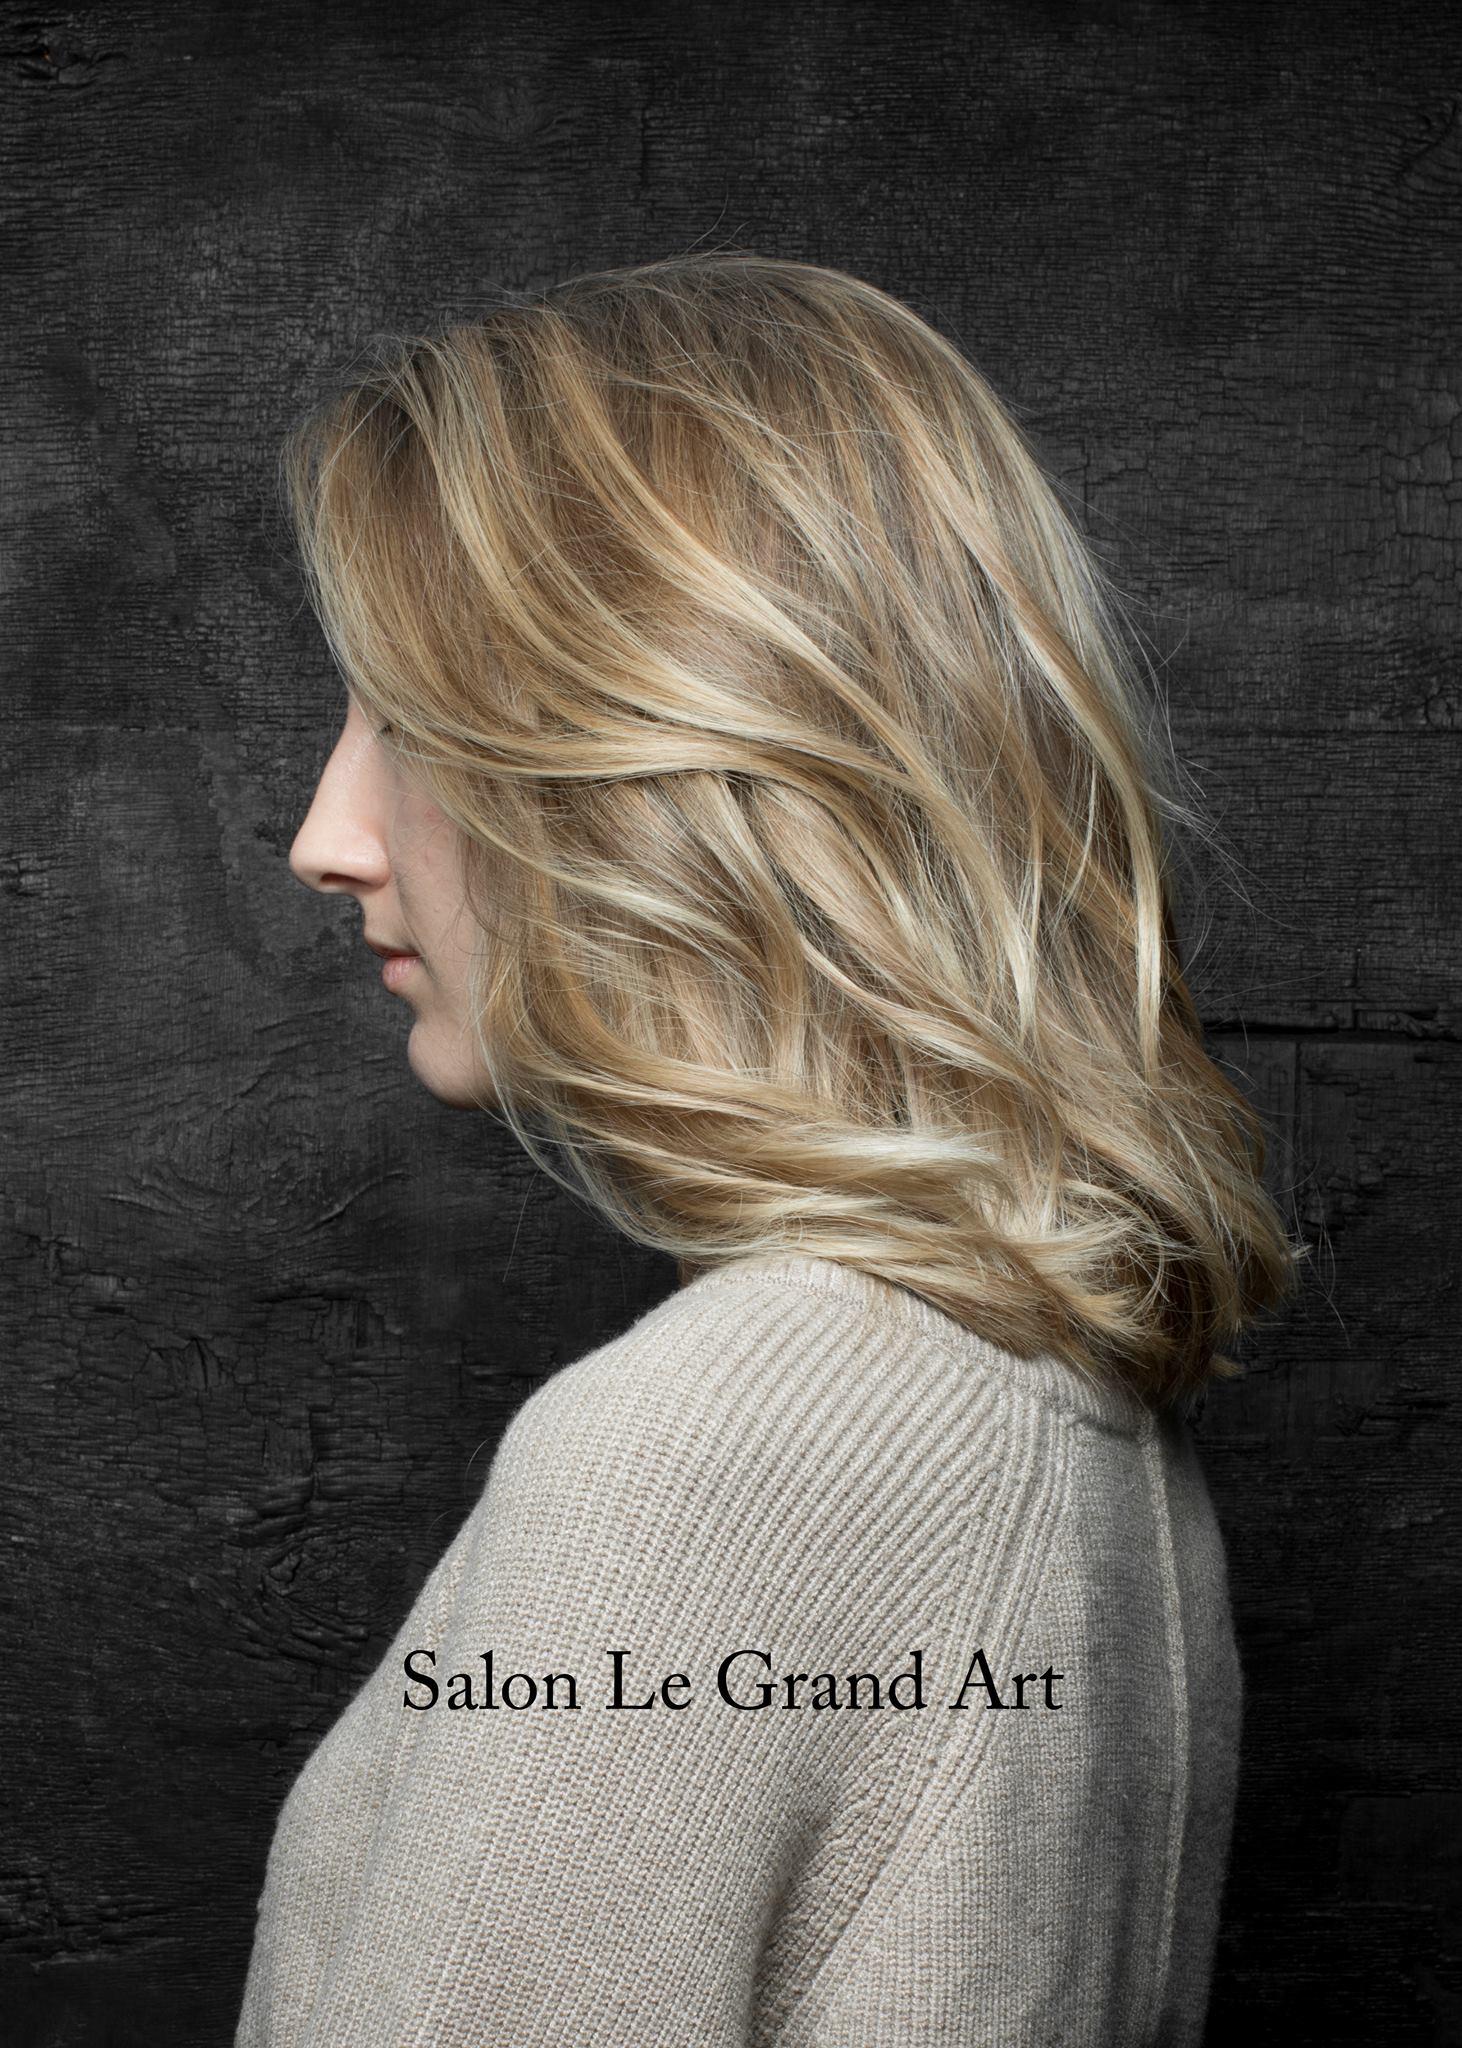 Salon Le Grand Art à Bordeaux